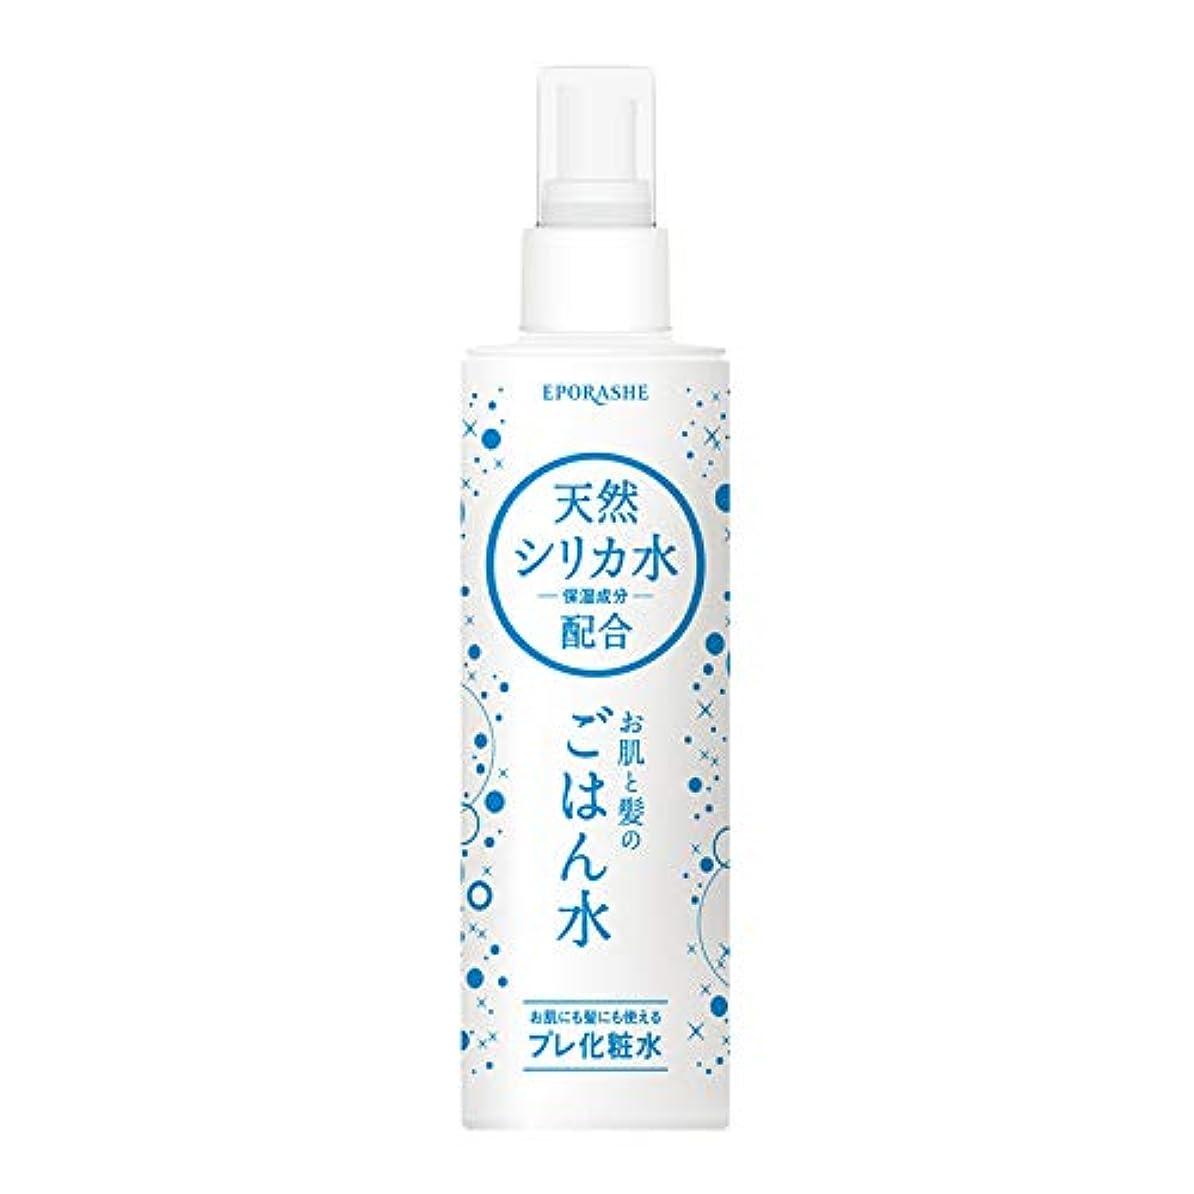 番号マットレス鮮やかなEPORASHE お肌と髪のごはん水 ケイ素(天然シリカ)のプレ化粧水